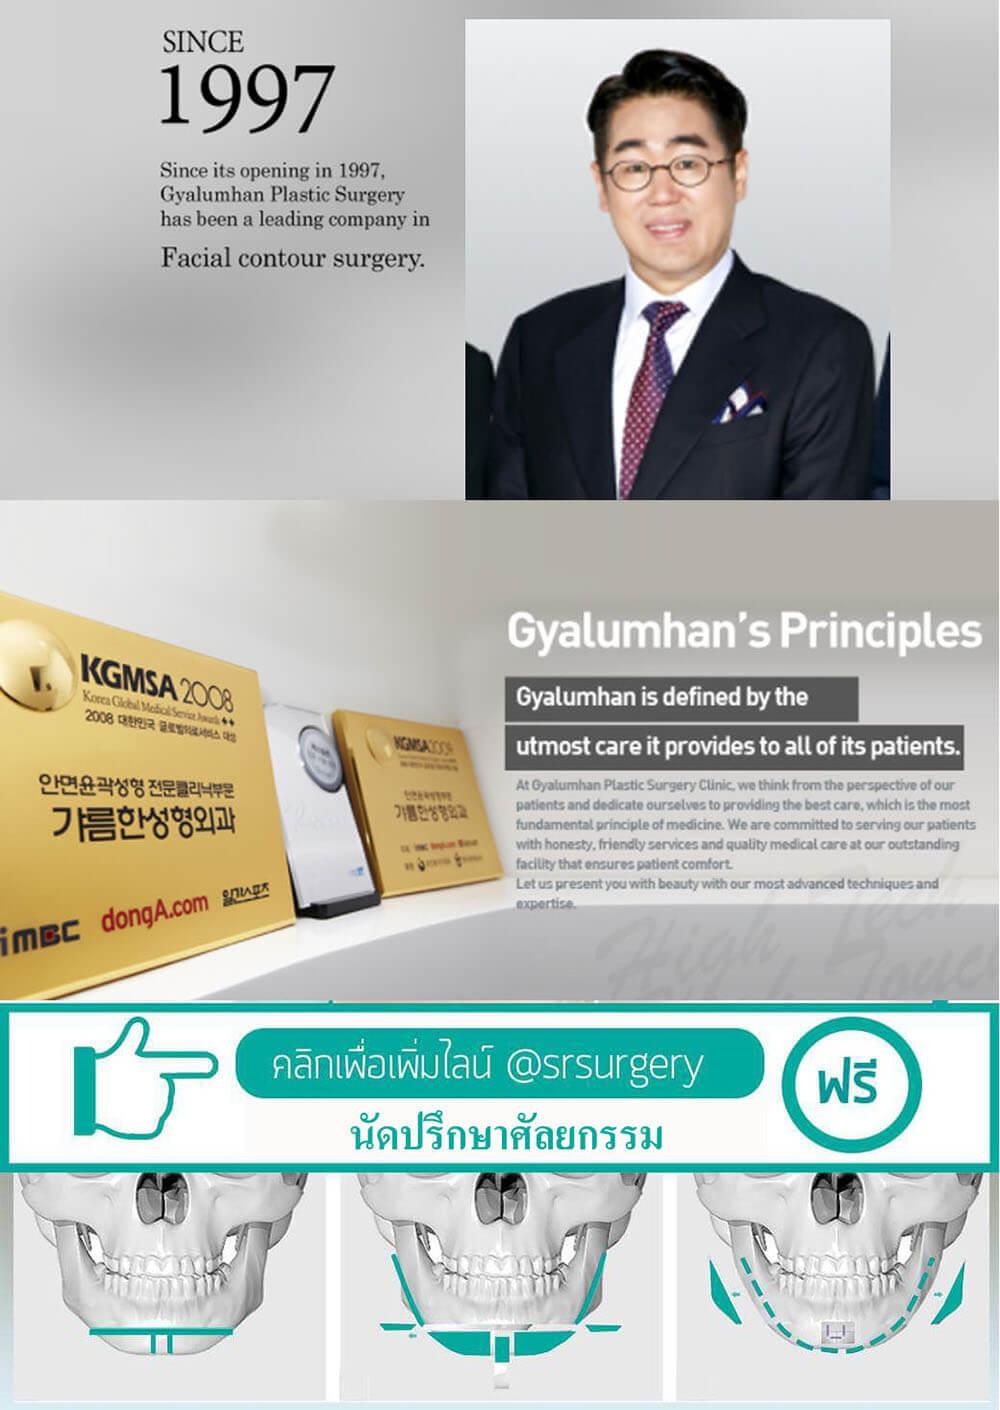 นัดปรึกษาศัลยกรรมเกาหลีฟรี